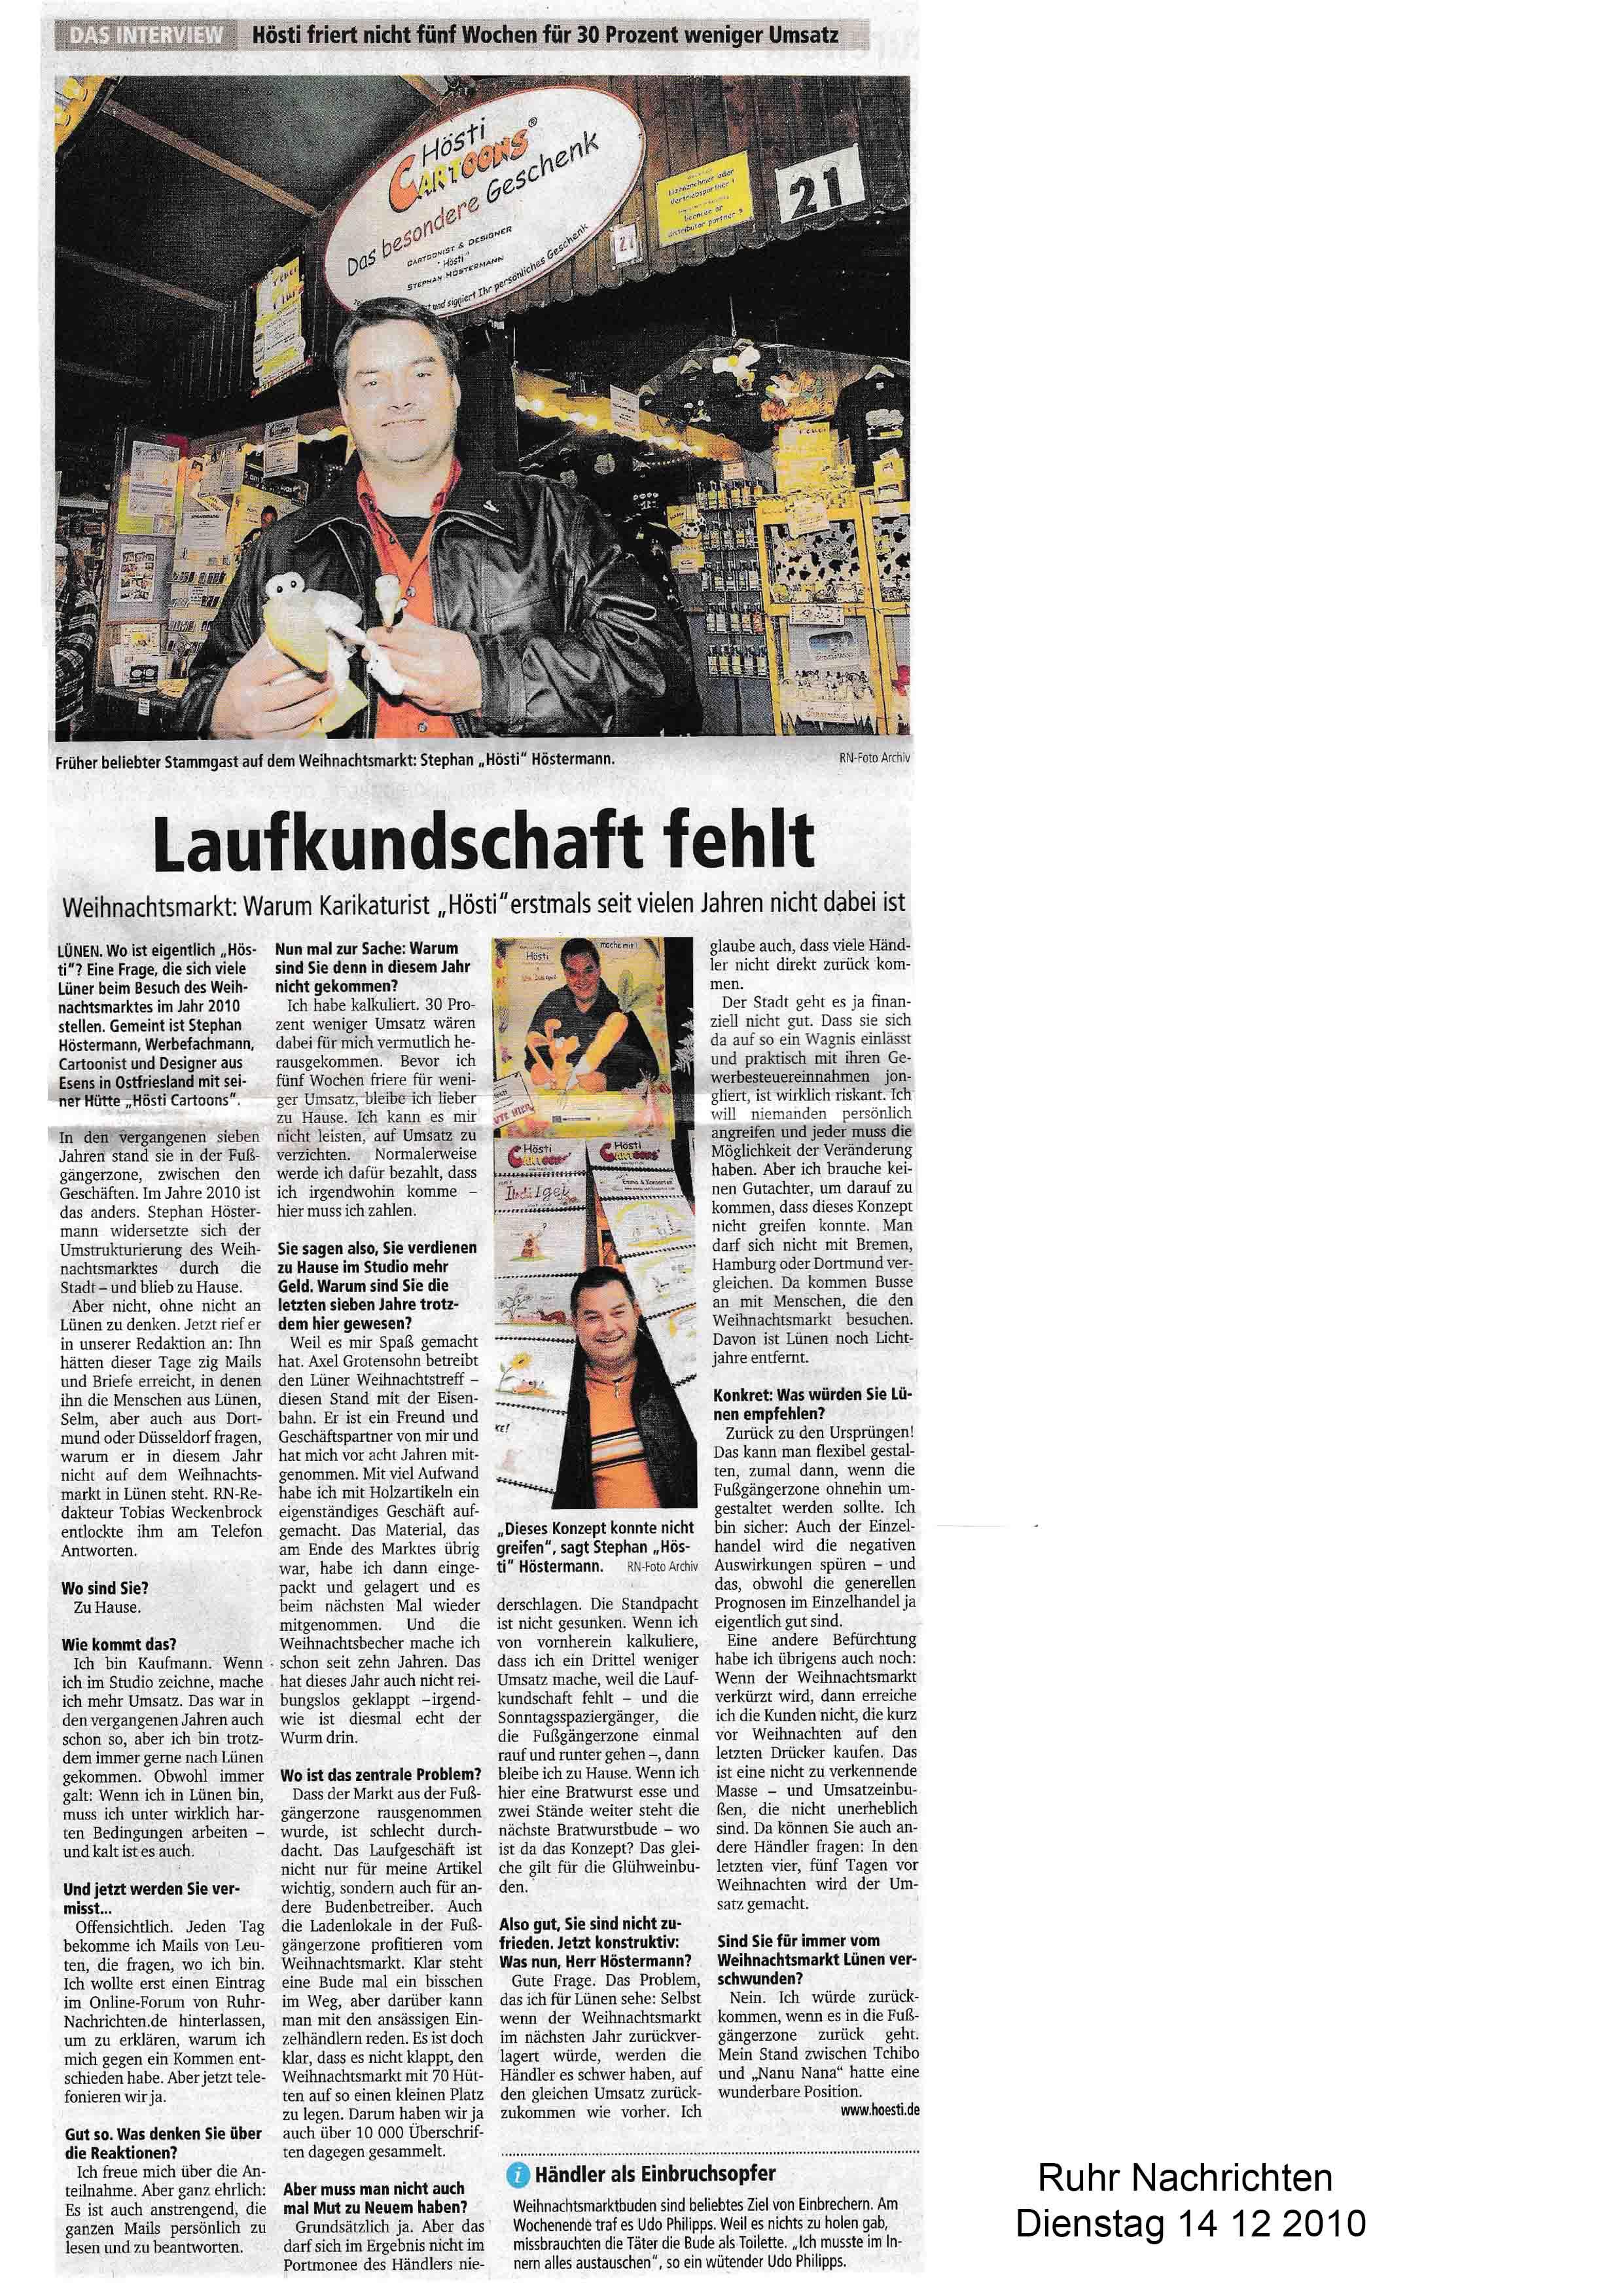 ruhr Nachrichten Dienstag 14 12 2010